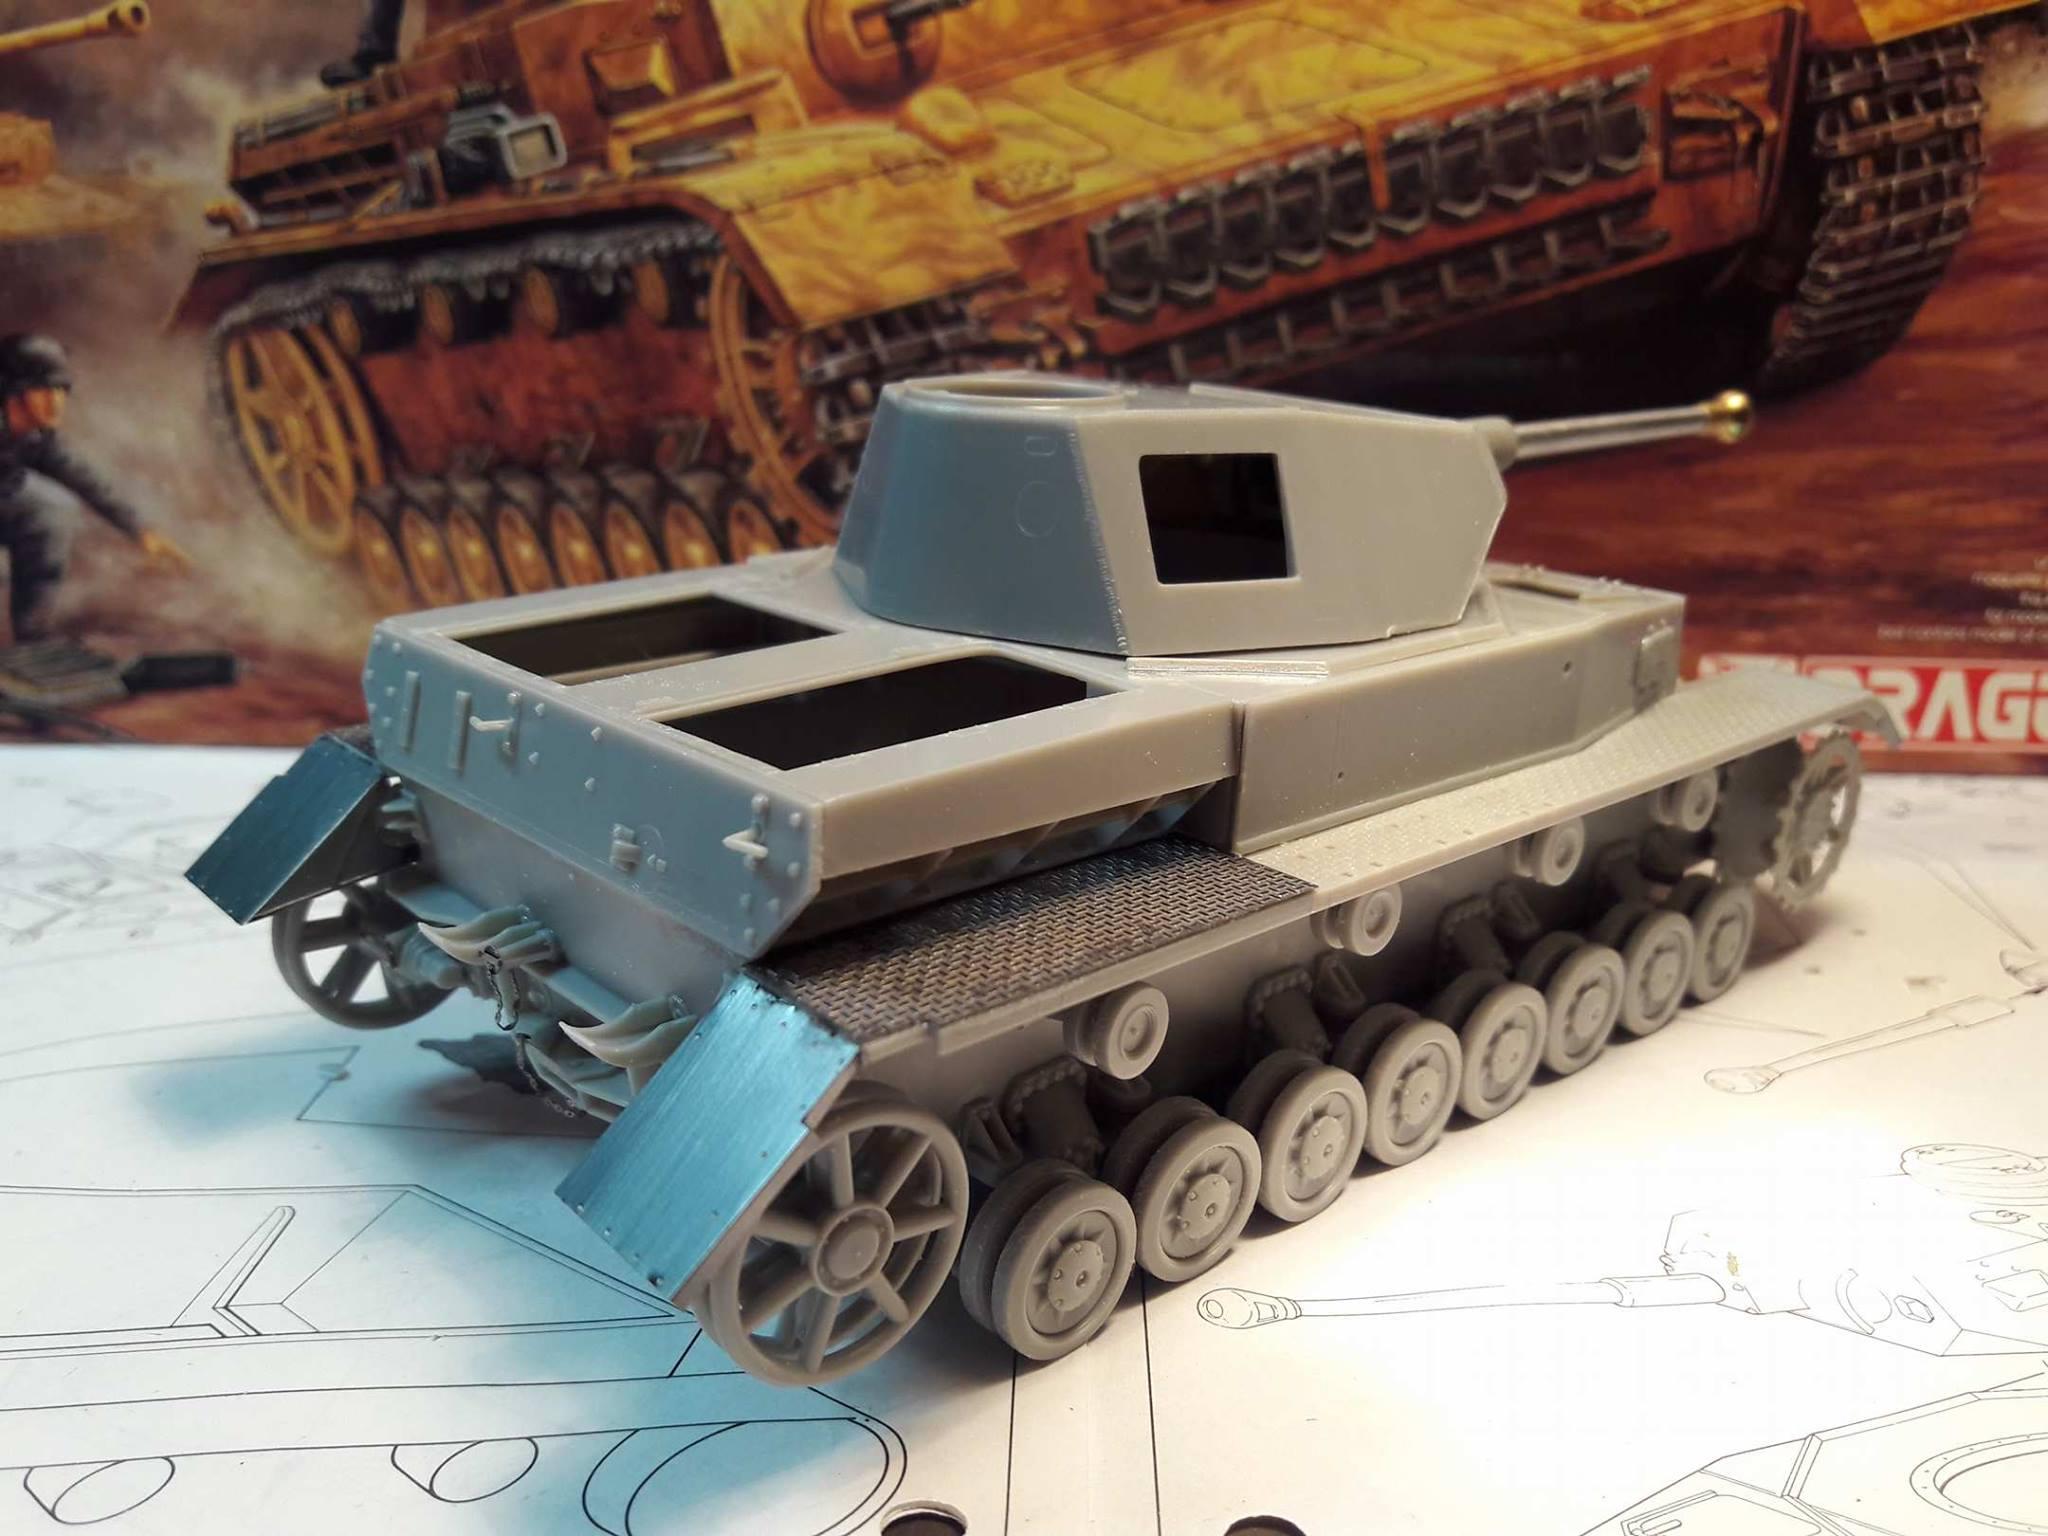 PzKpfw. IV Ausf. F2 - Dragon 6804442112489410212176745308386295487022o